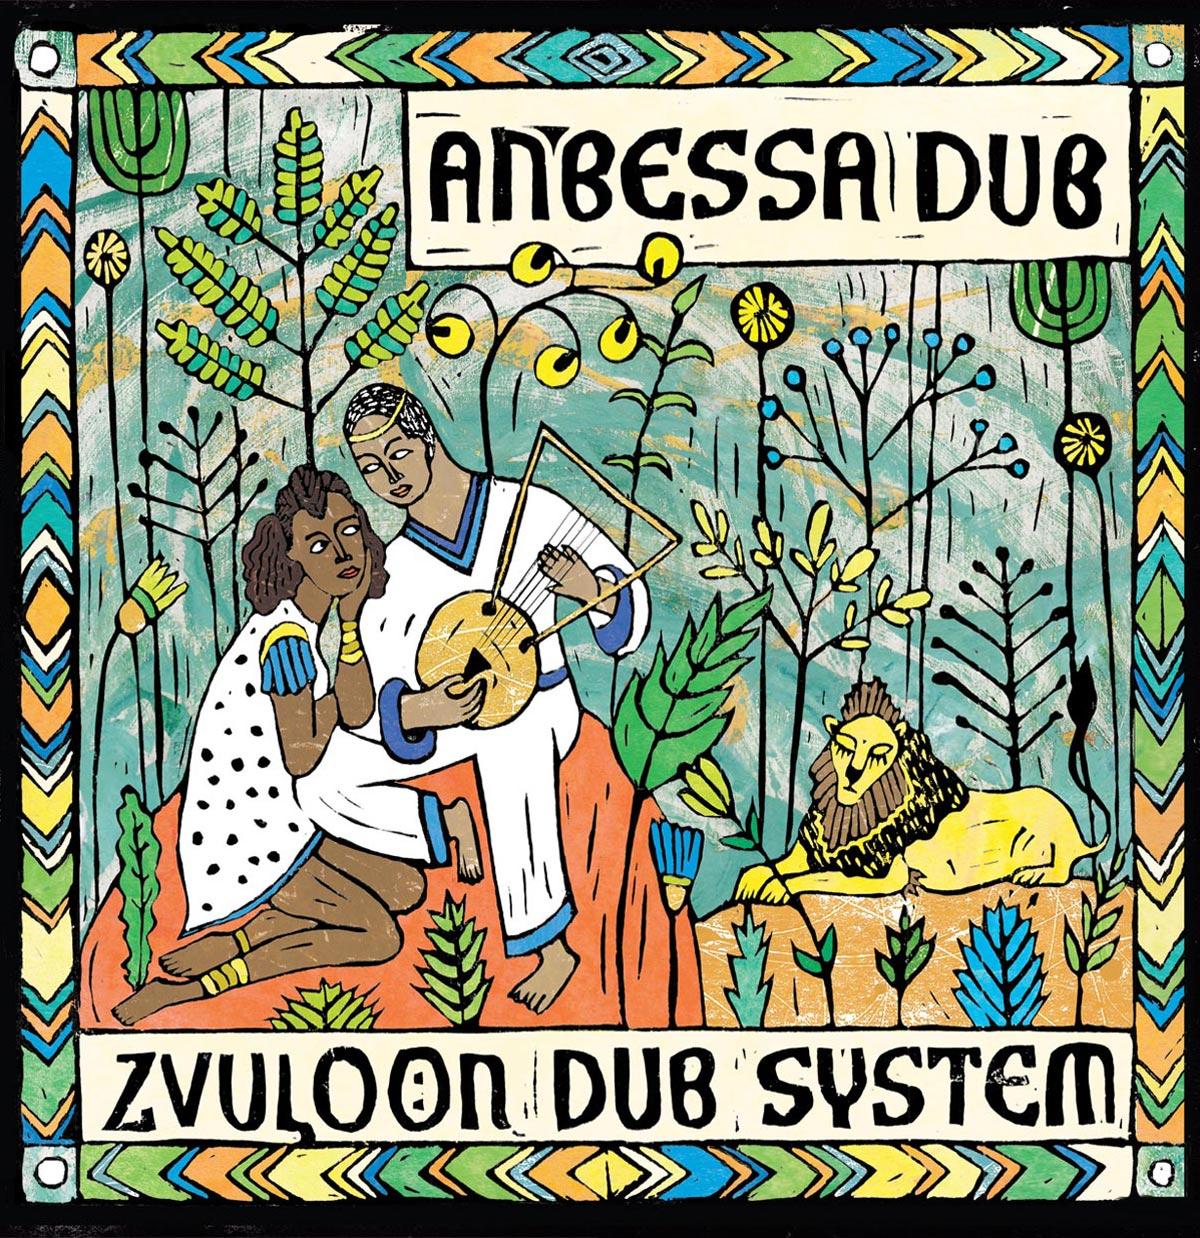 Zvuloon Dub System - Anbessa Dub